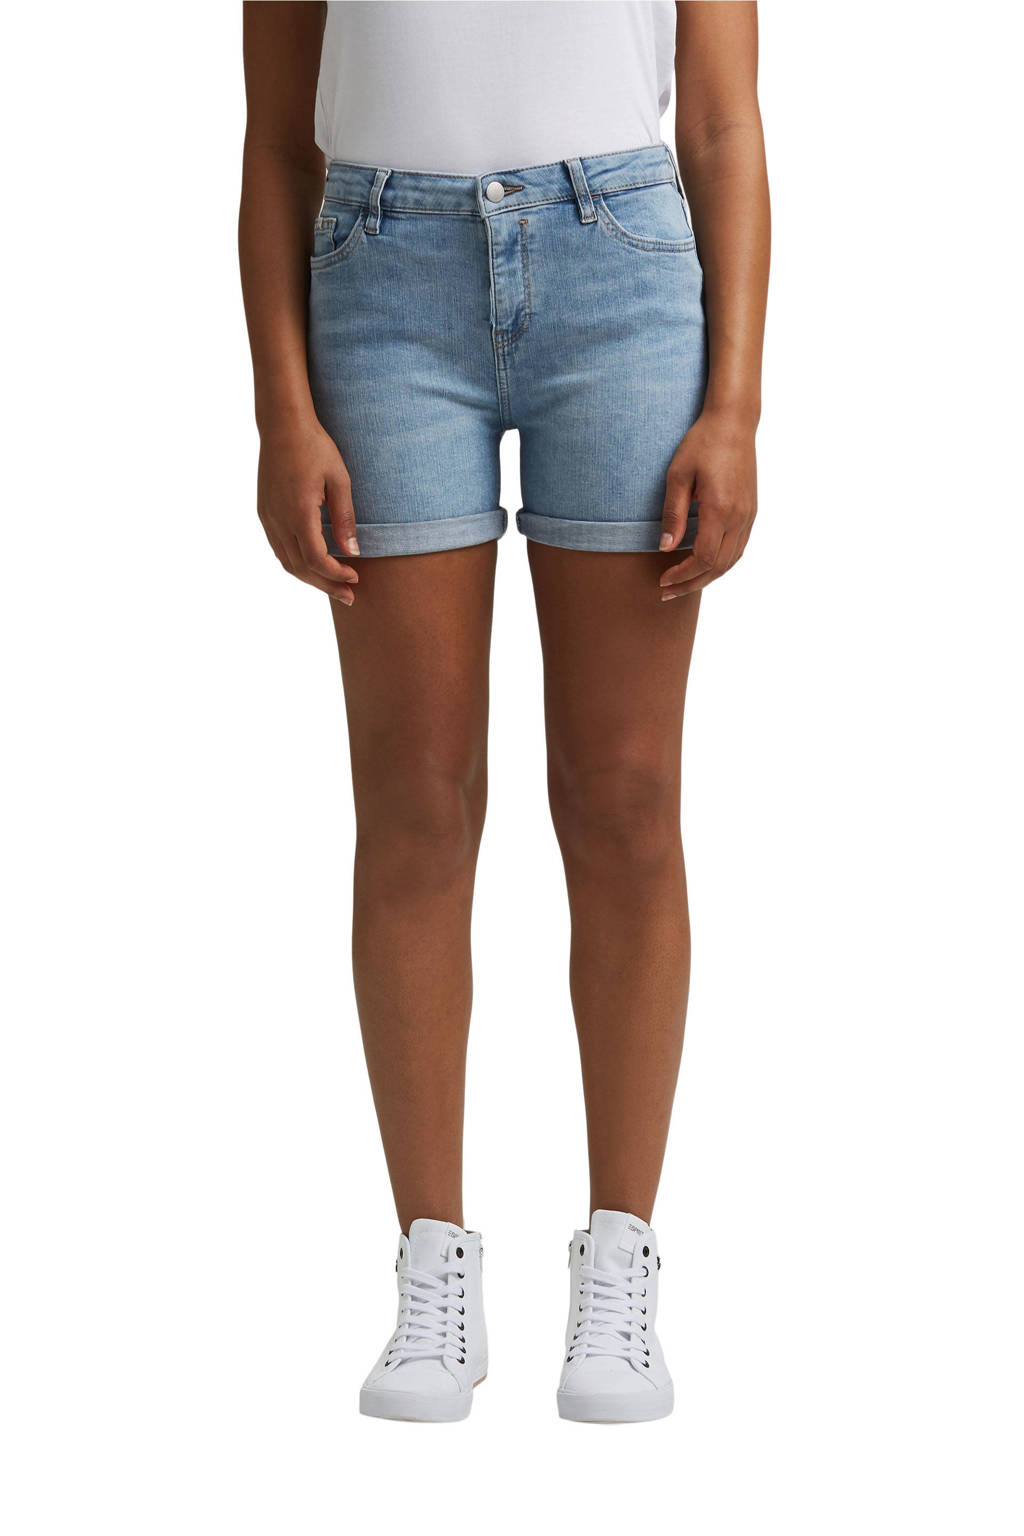 edc Women jeans short light denim, Light denim